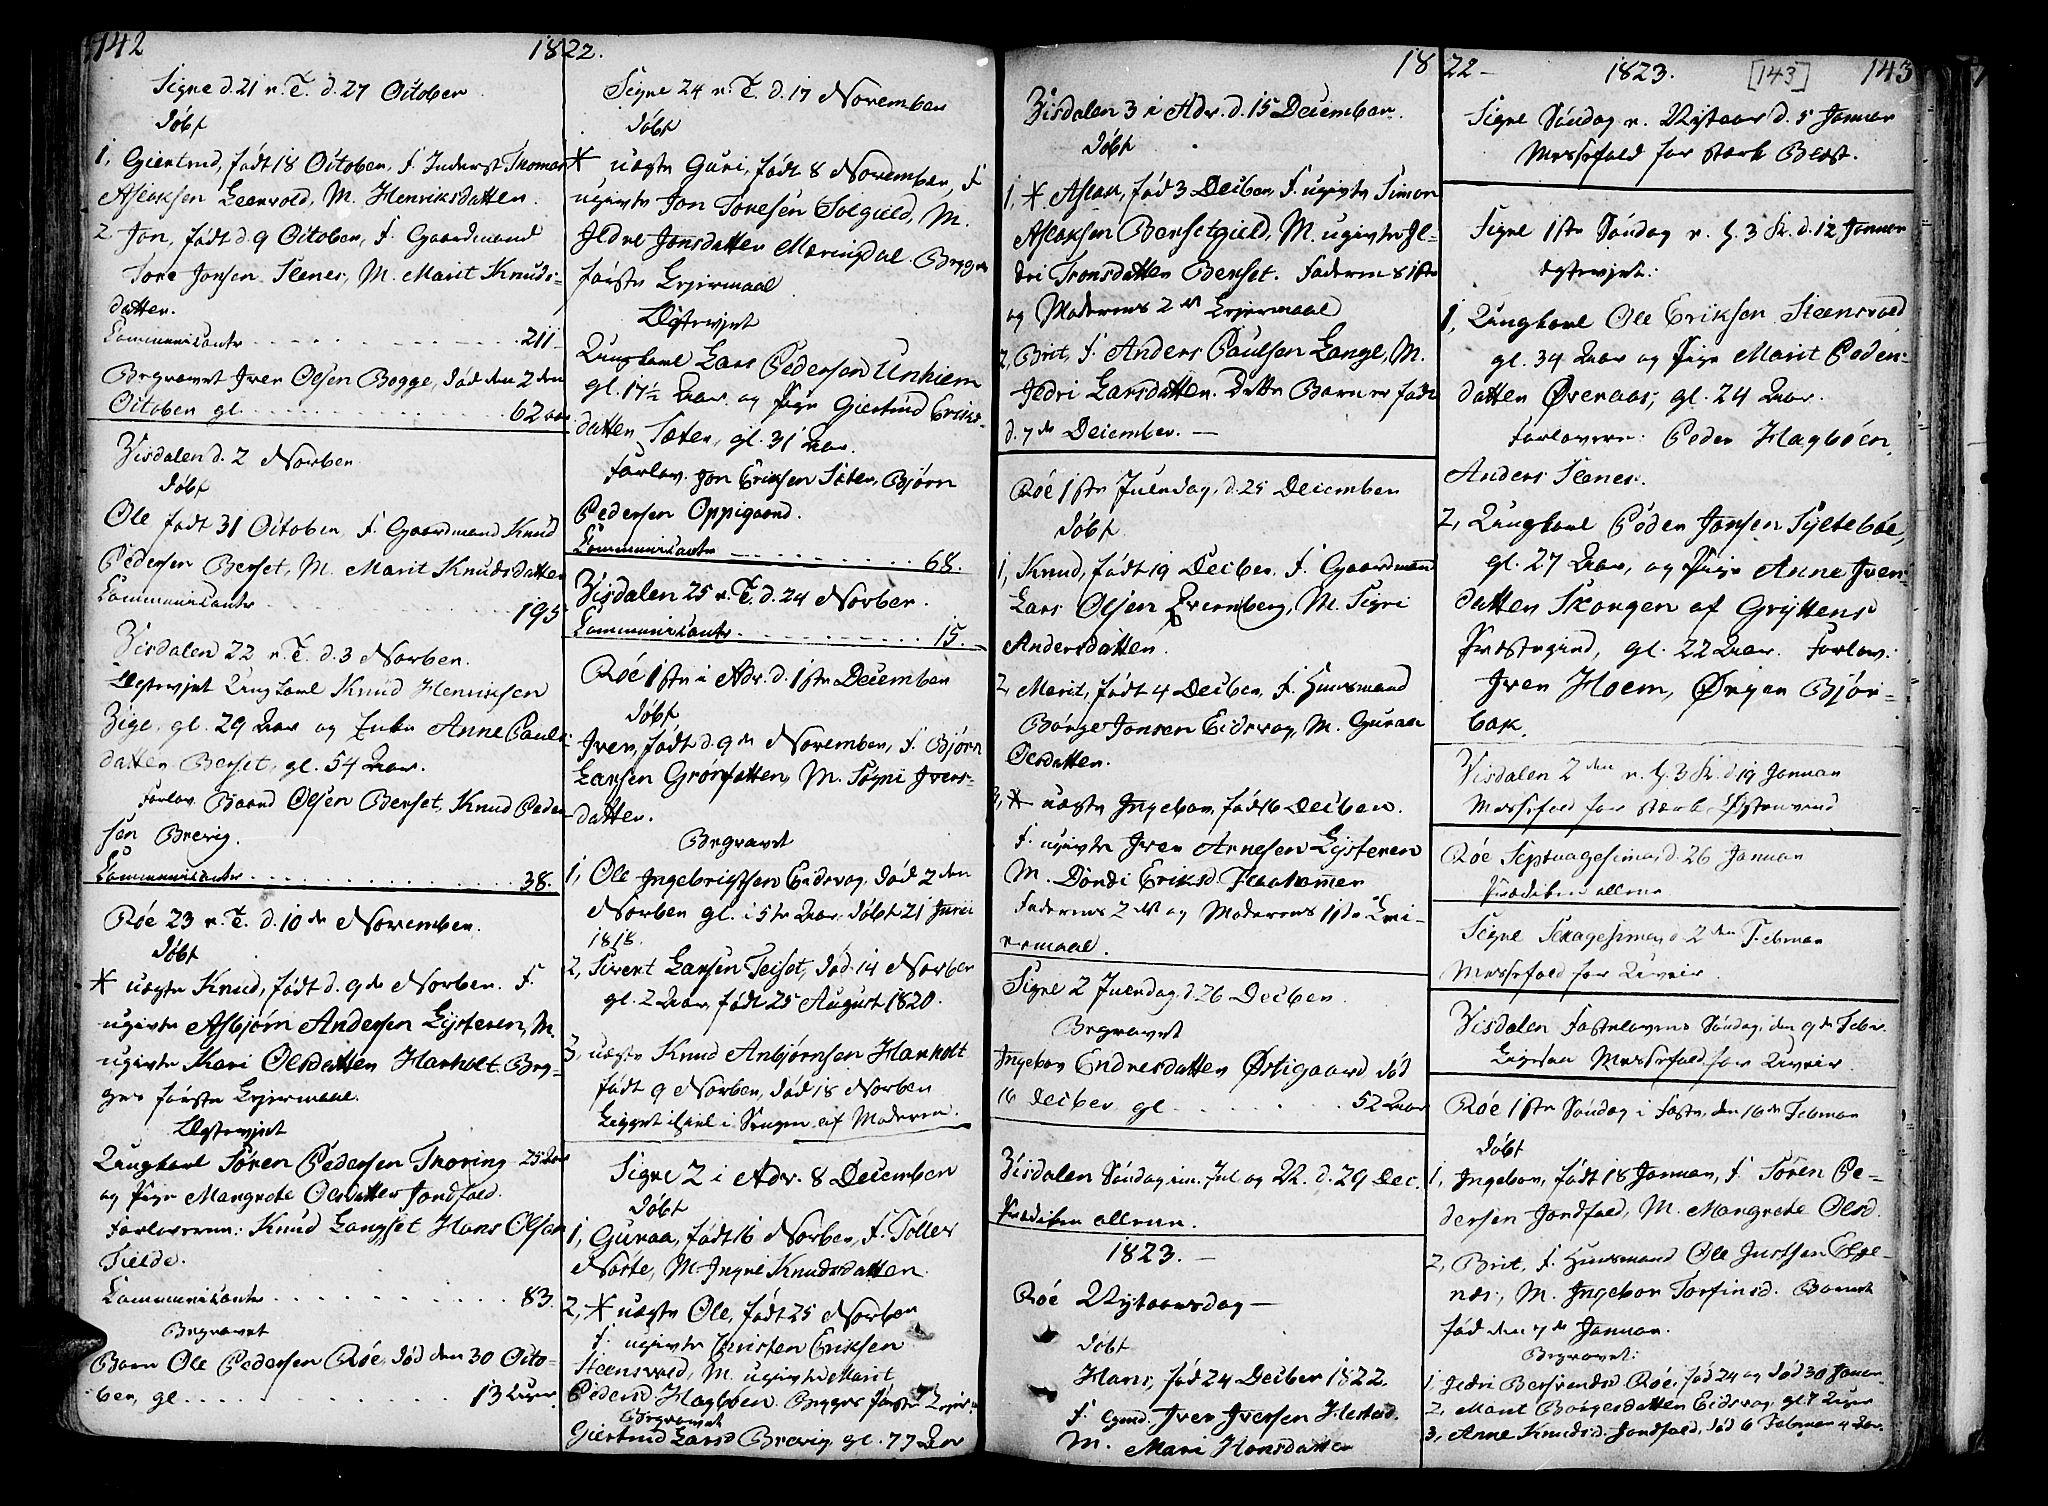 SAT, Ministerialprotokoller, klokkerbøker og fødselsregistre - Møre og Romsdal, 551/L0622: Parish register (official) no. 551A02, 1804-1845, p. 142-143